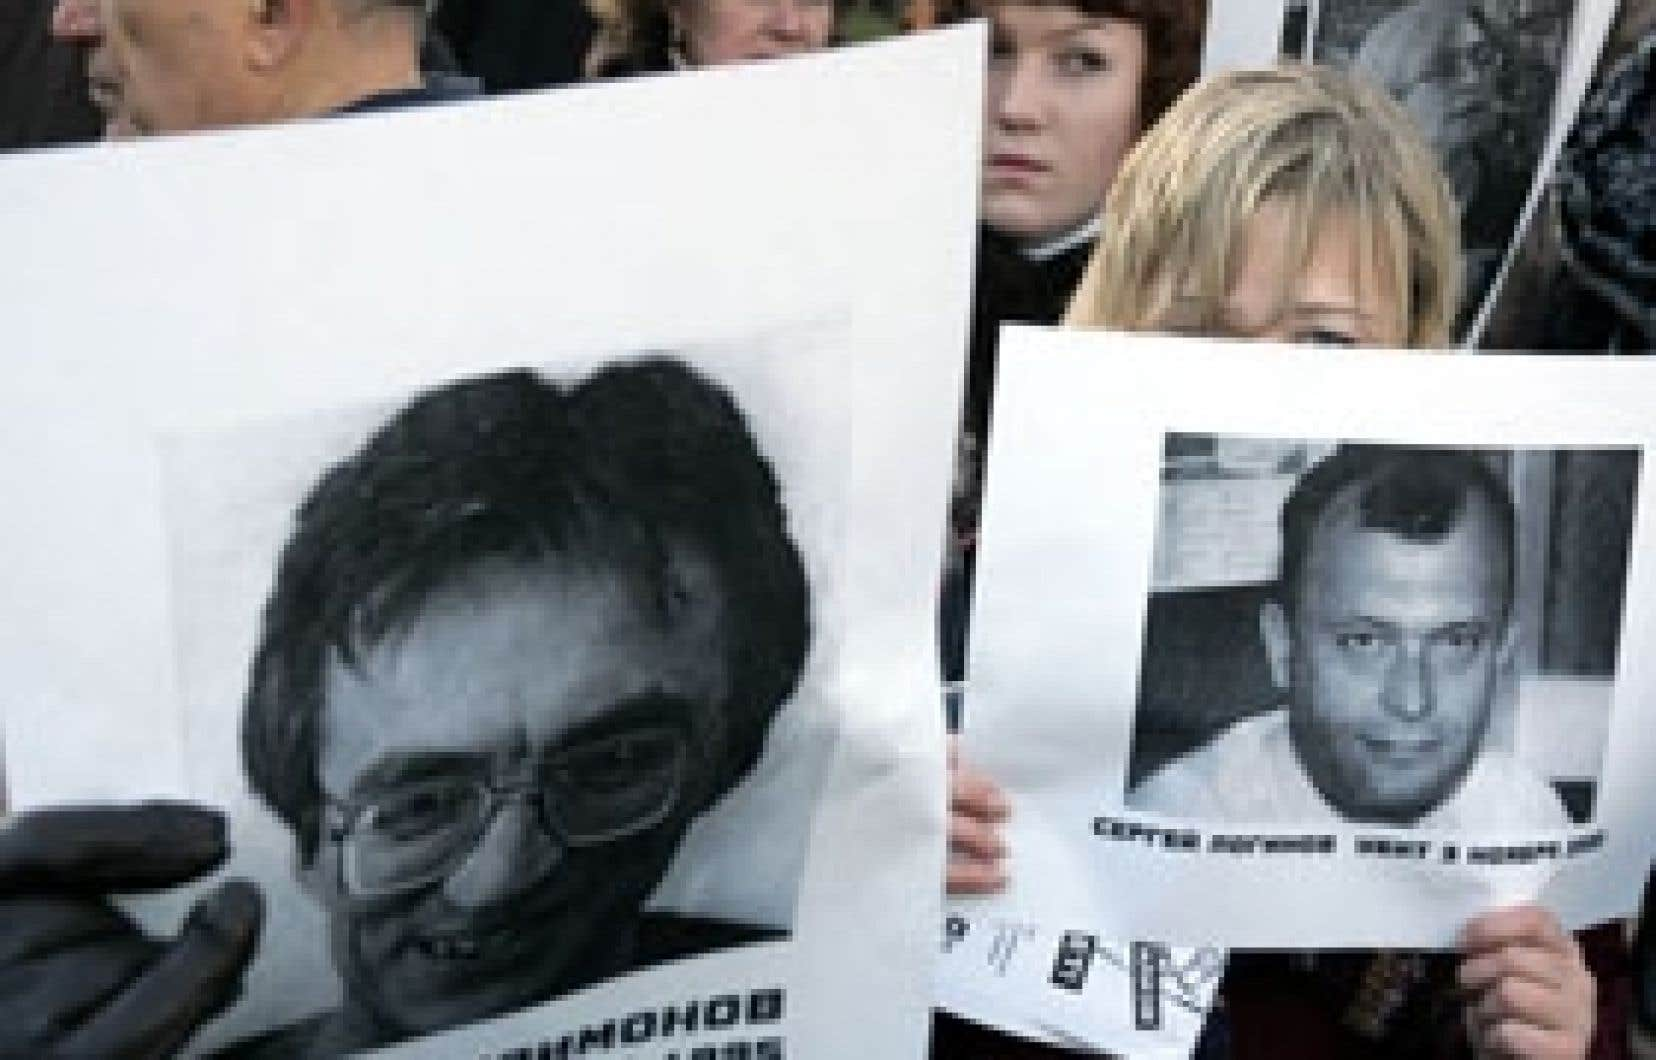 Des journalistes ont allumé des bougies hier à la mémoire de leurs collègues disparus.